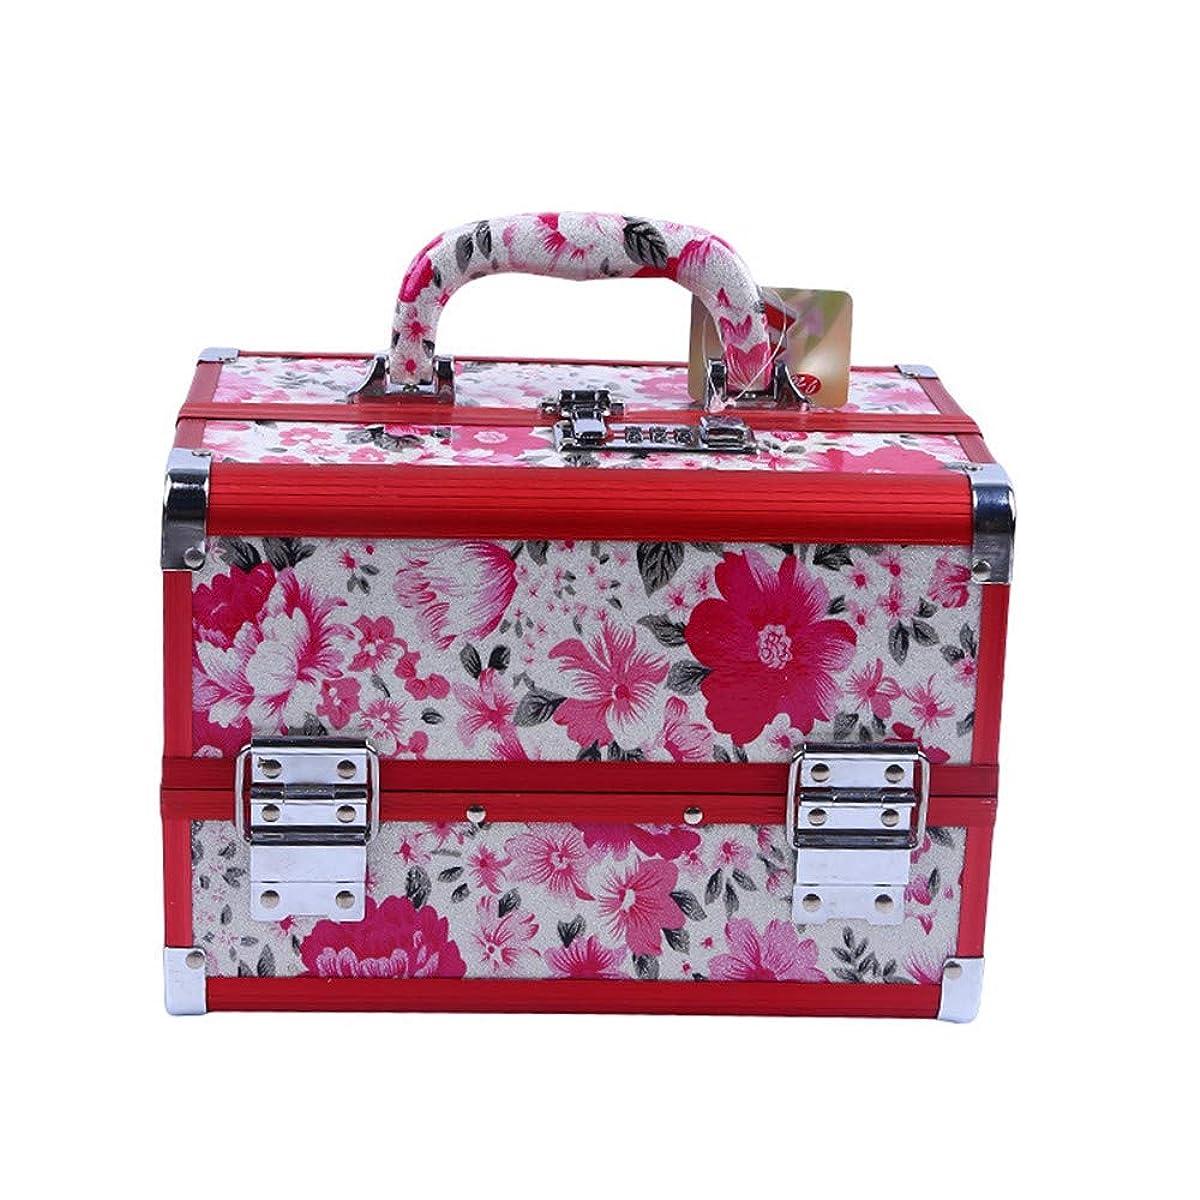 びん危機ドナウ川化粧オーガナイザーバッグ 花のパターンポータブル化粧品ケース美容メイクアップと女の子の女性の旅行と毎日のストレージロック付きトレイ付き 化粧品ケース